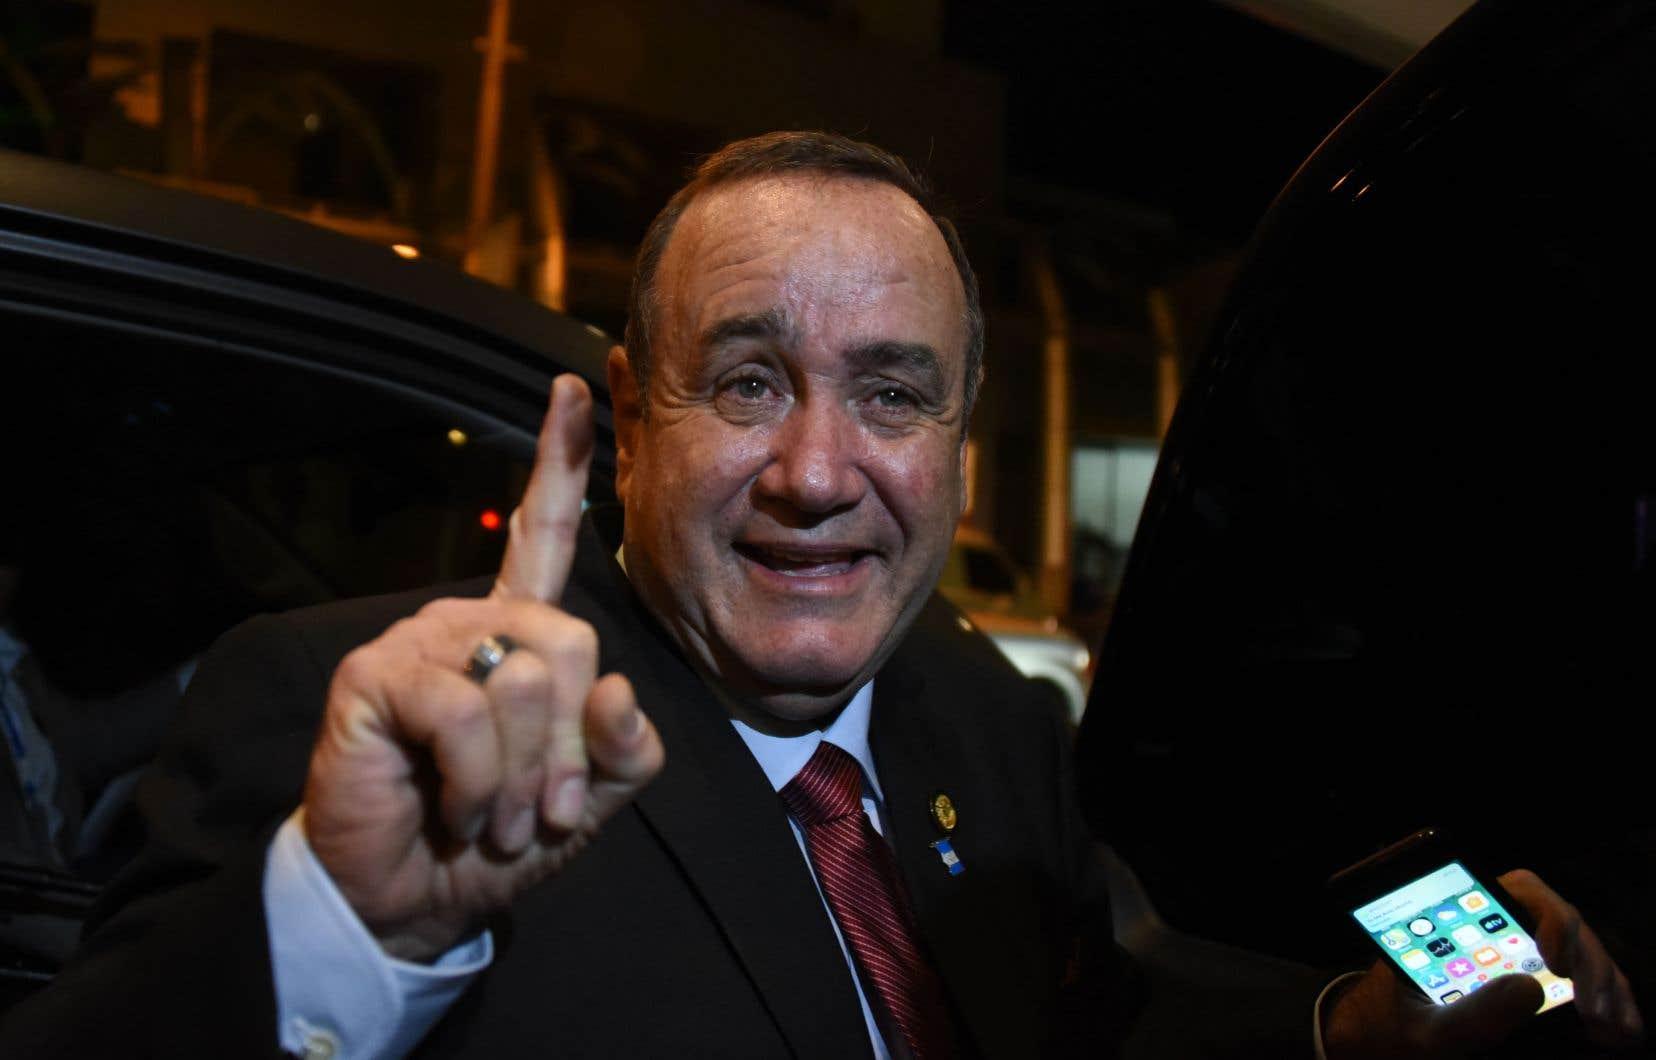 Se déplaçant à l'aide de béquilles en raison d'une maladie vieille de 40 ans, le médecin conservateur Alejandro Giammatteien était à sa quatrième candidature depuis 2007, à chaque fois pour des partis différents.